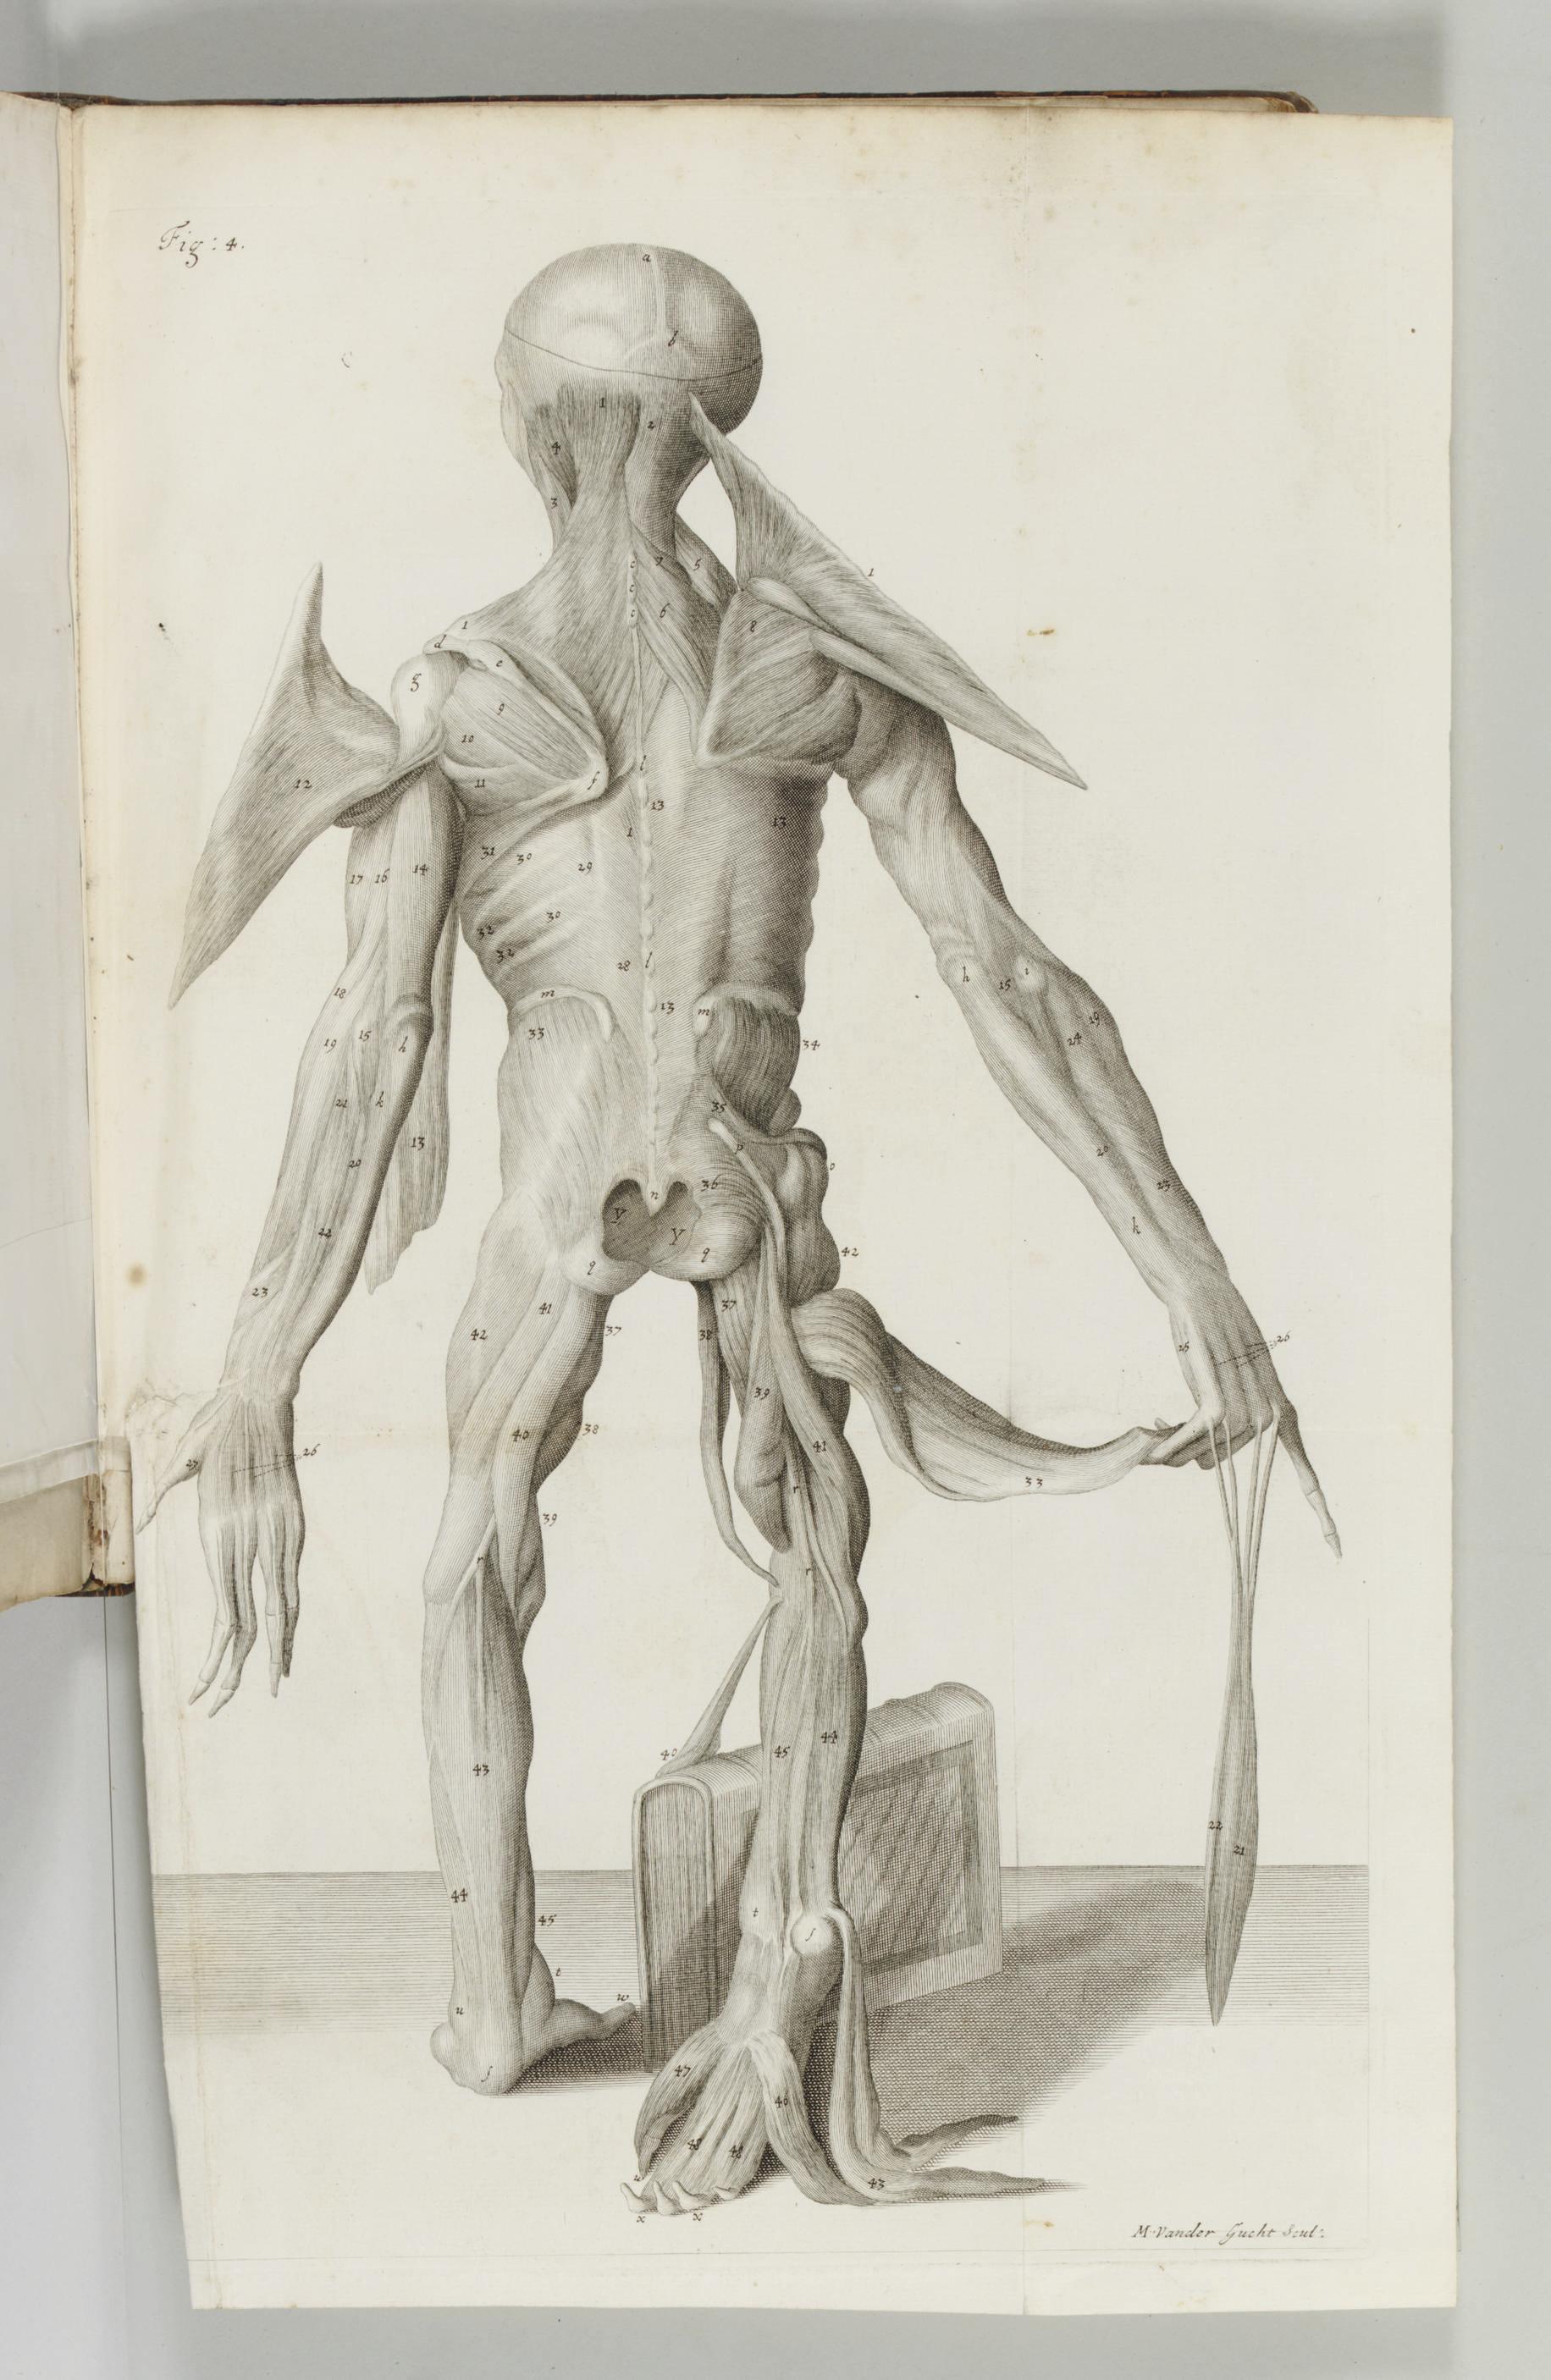 TYSON, Edward (1650-1708). Ora